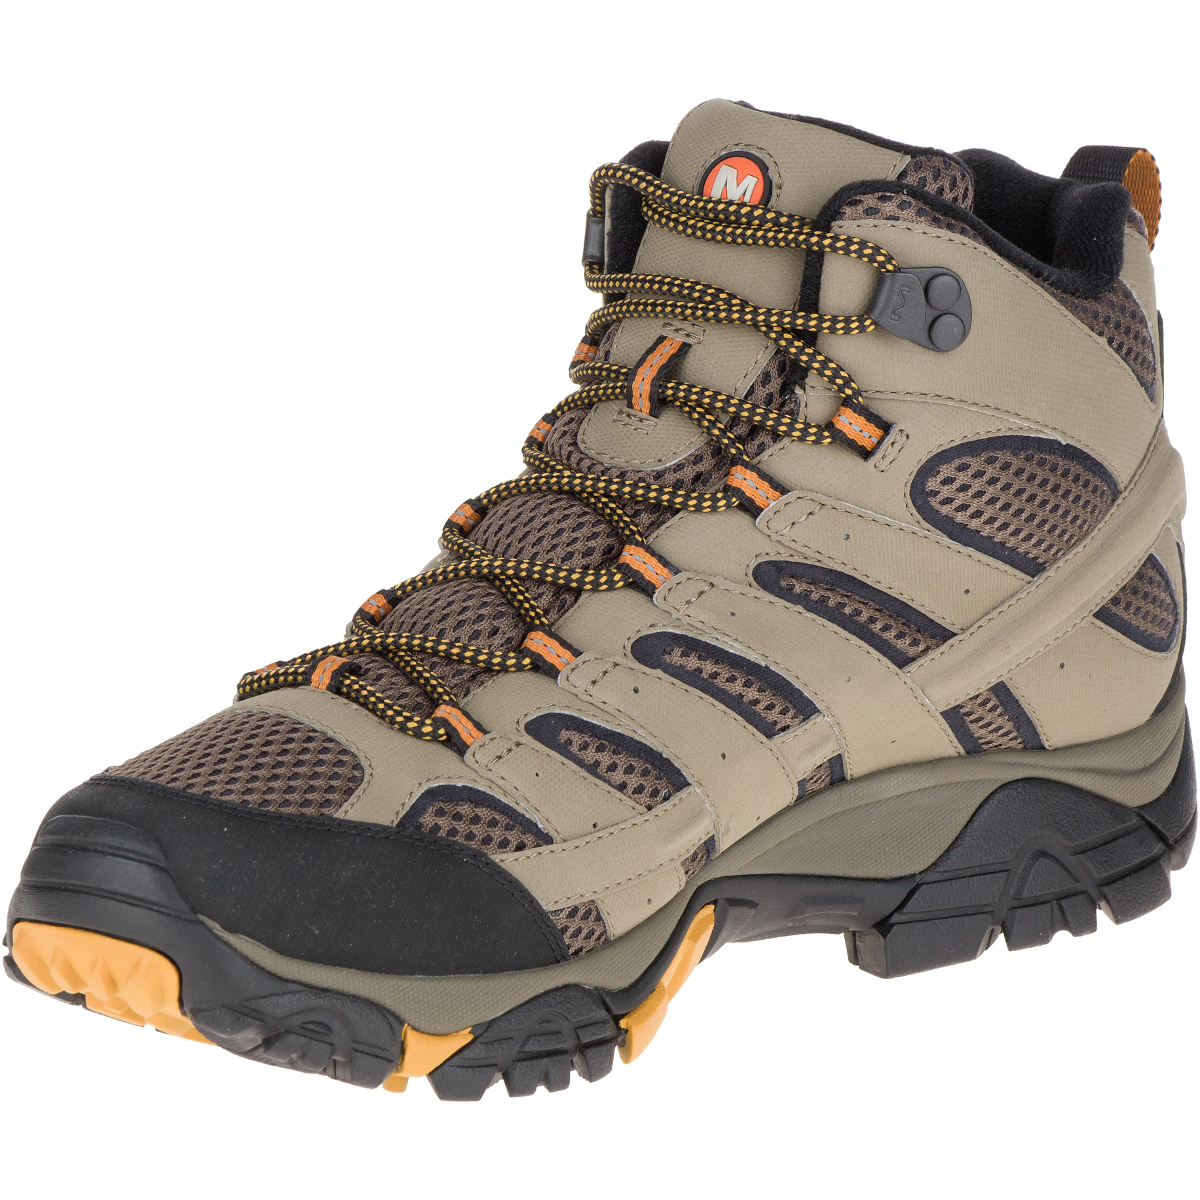 dec03aca37 MERRELL Men's Moab 2 Mid Gore-Tex Hiking Boots, Walnut, Wide